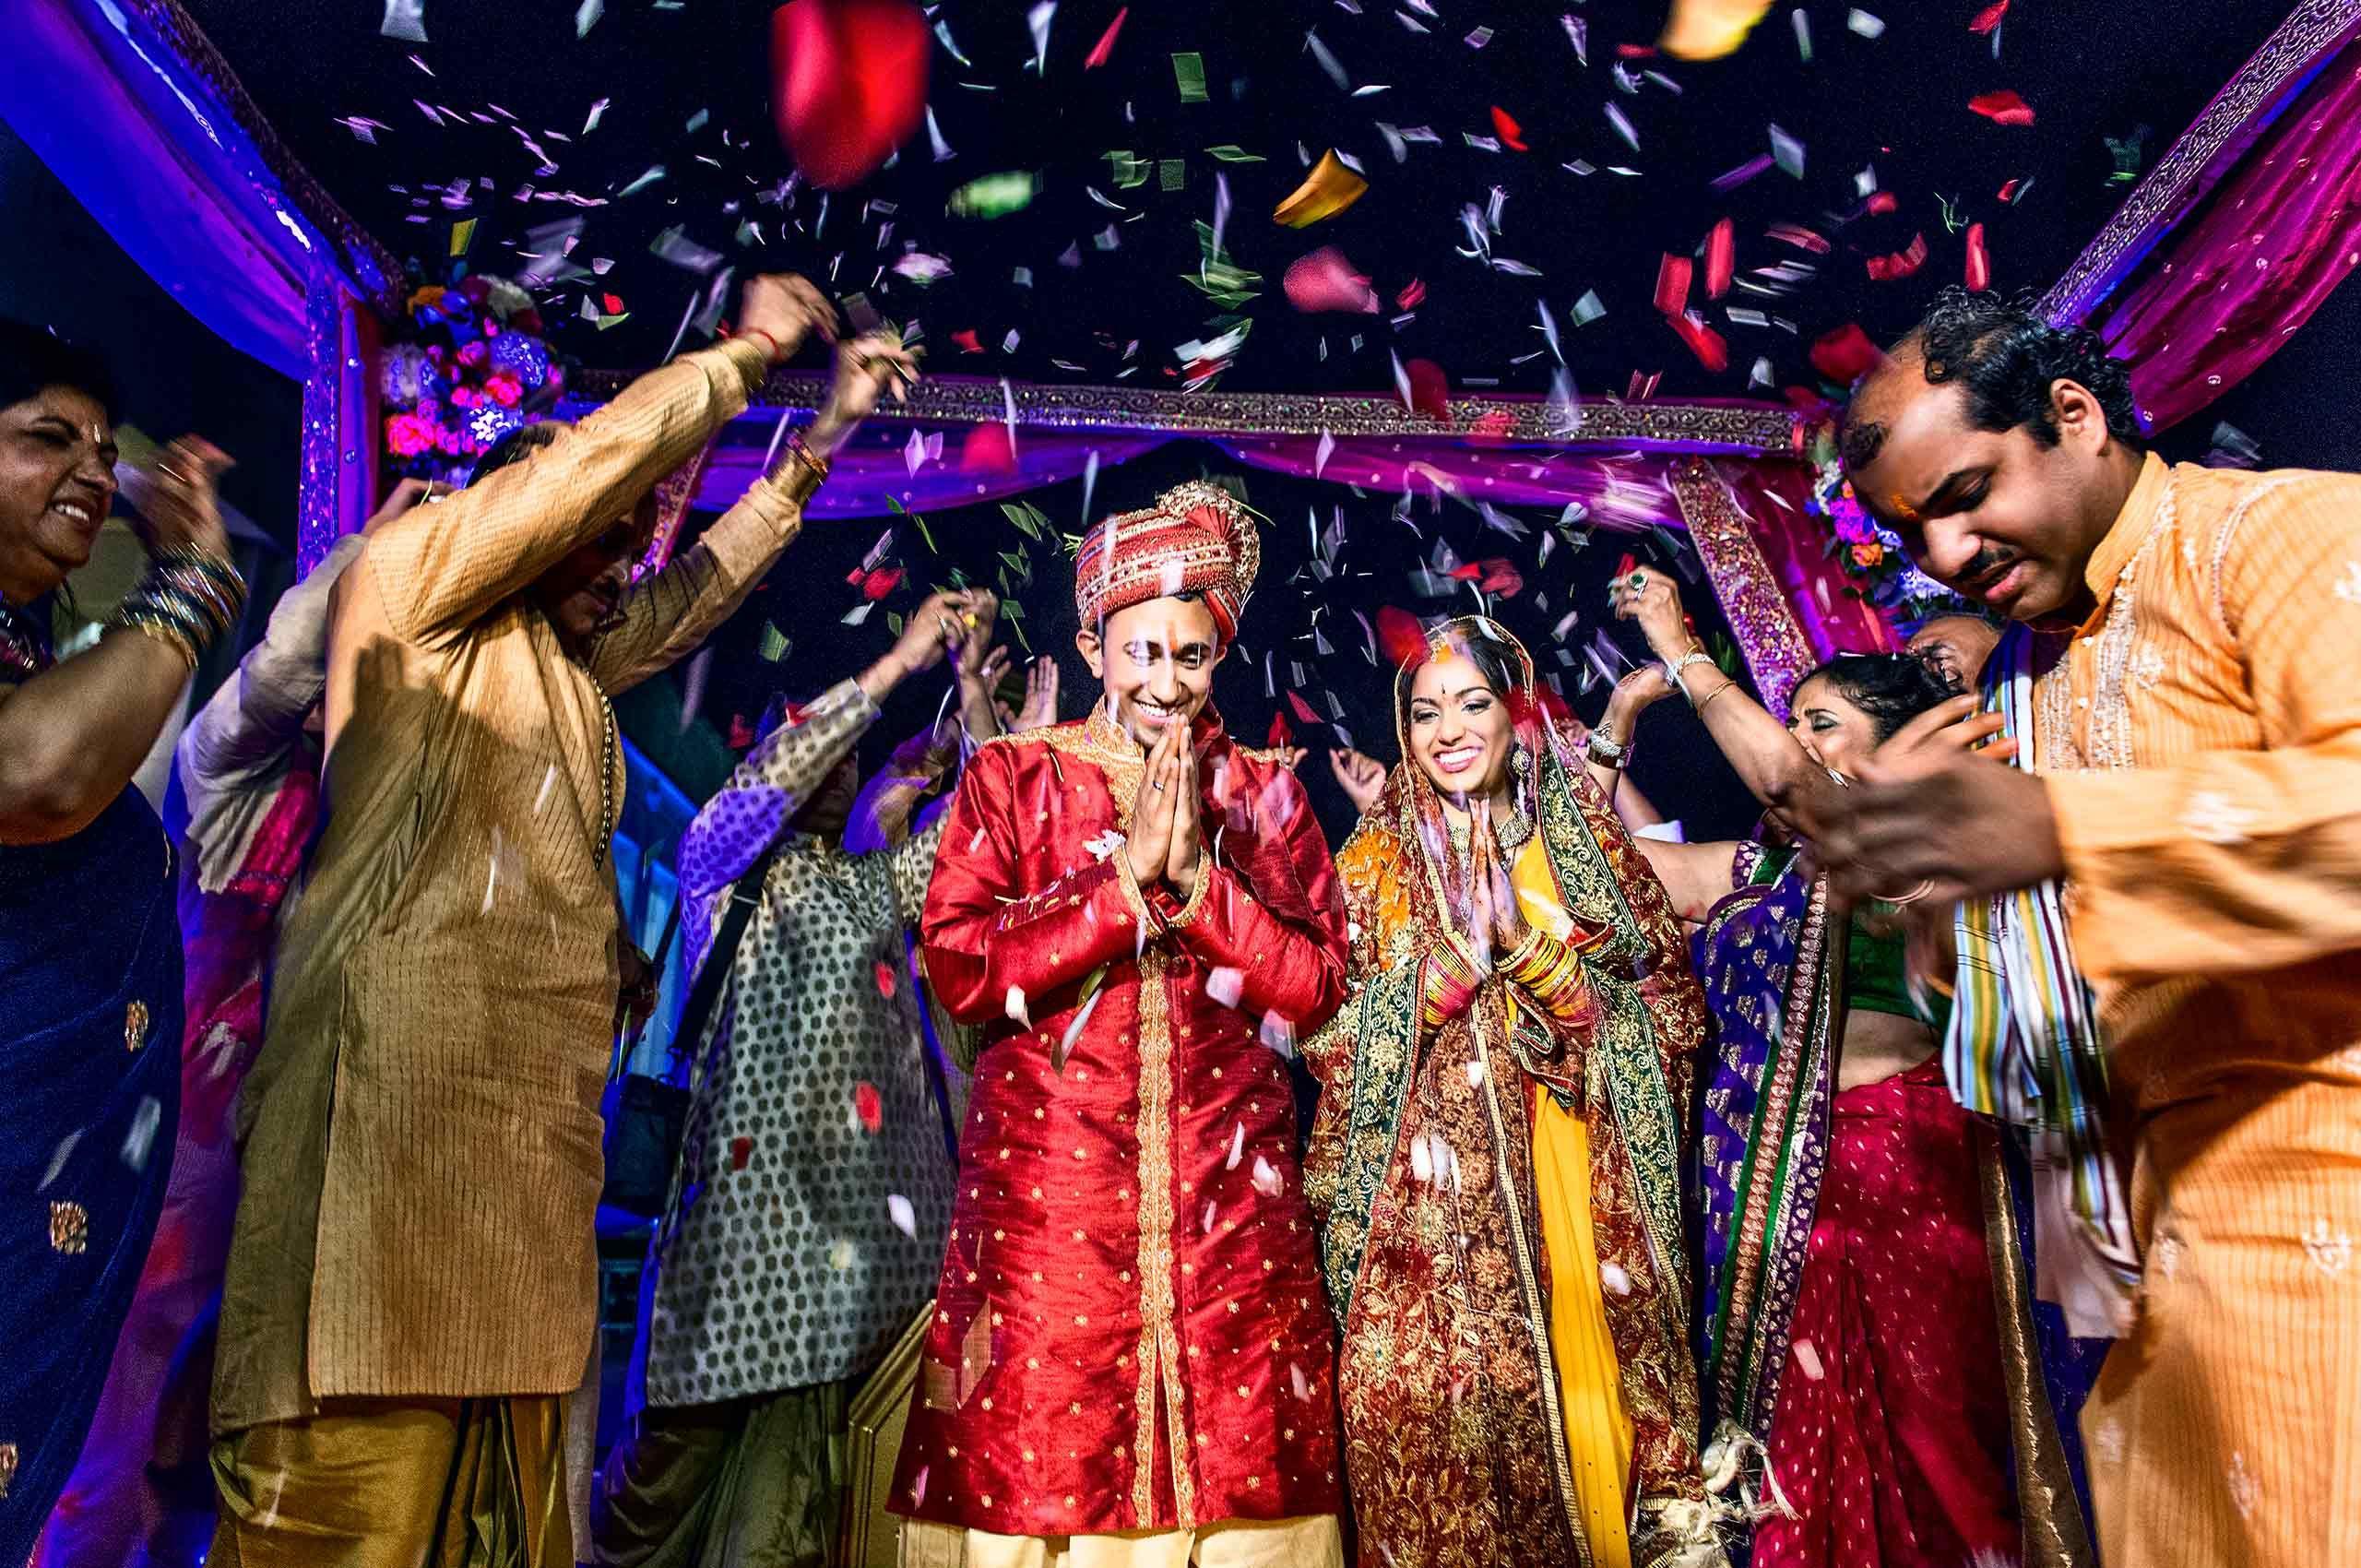 indianweddingcouple-with-confetti-by-HenrikOlundPhotography.jpg